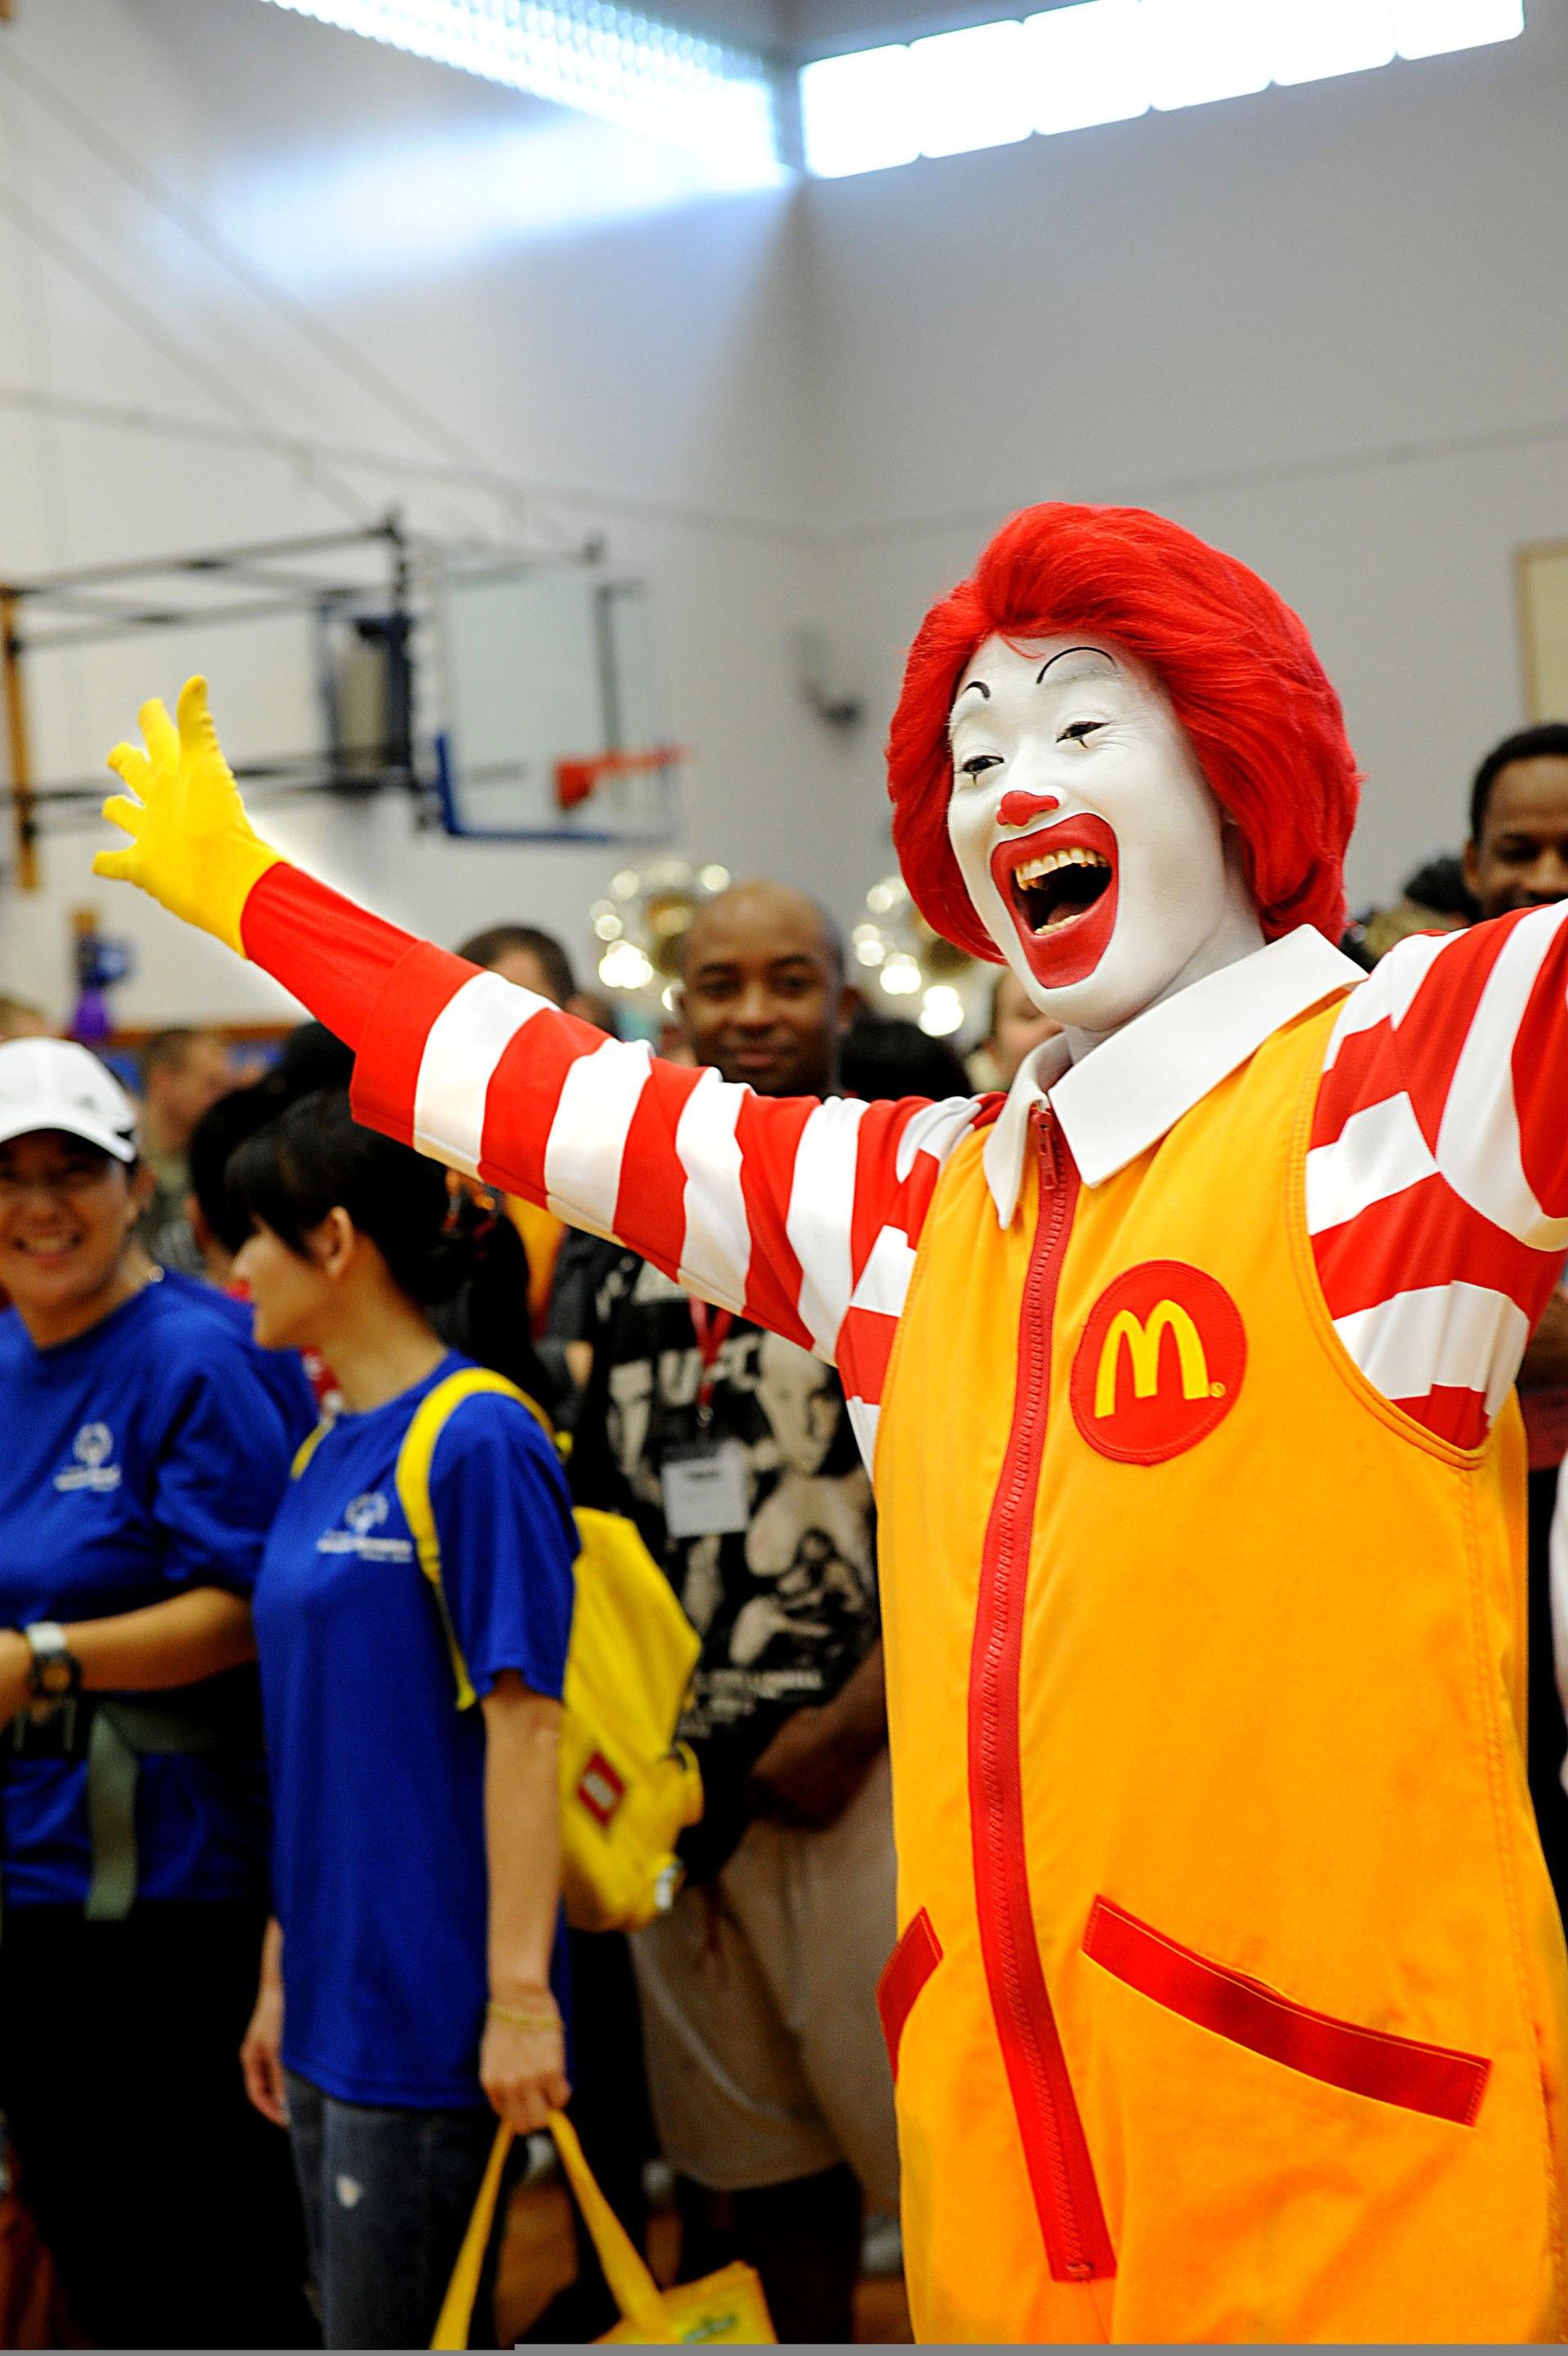 Ronald McDonald - Wikipedia, la enciclopedia libre